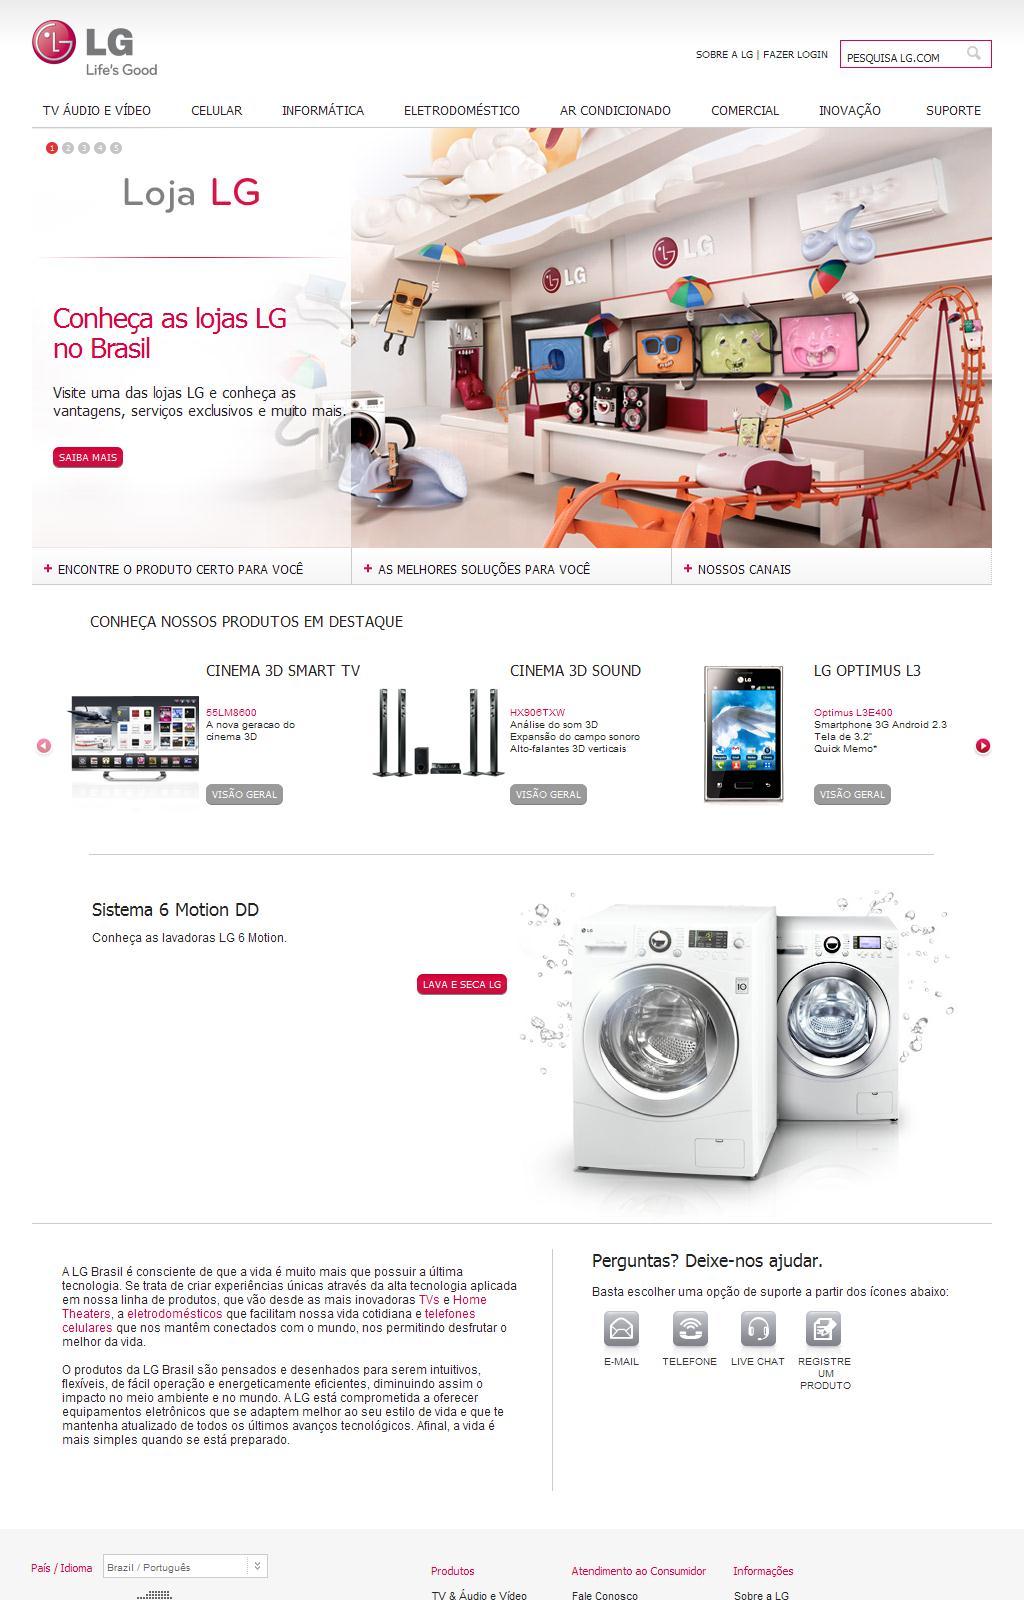 Conheça toda a linha de Áudio, Vídeo, Informática e Eletrodomésticos - LG Brasil